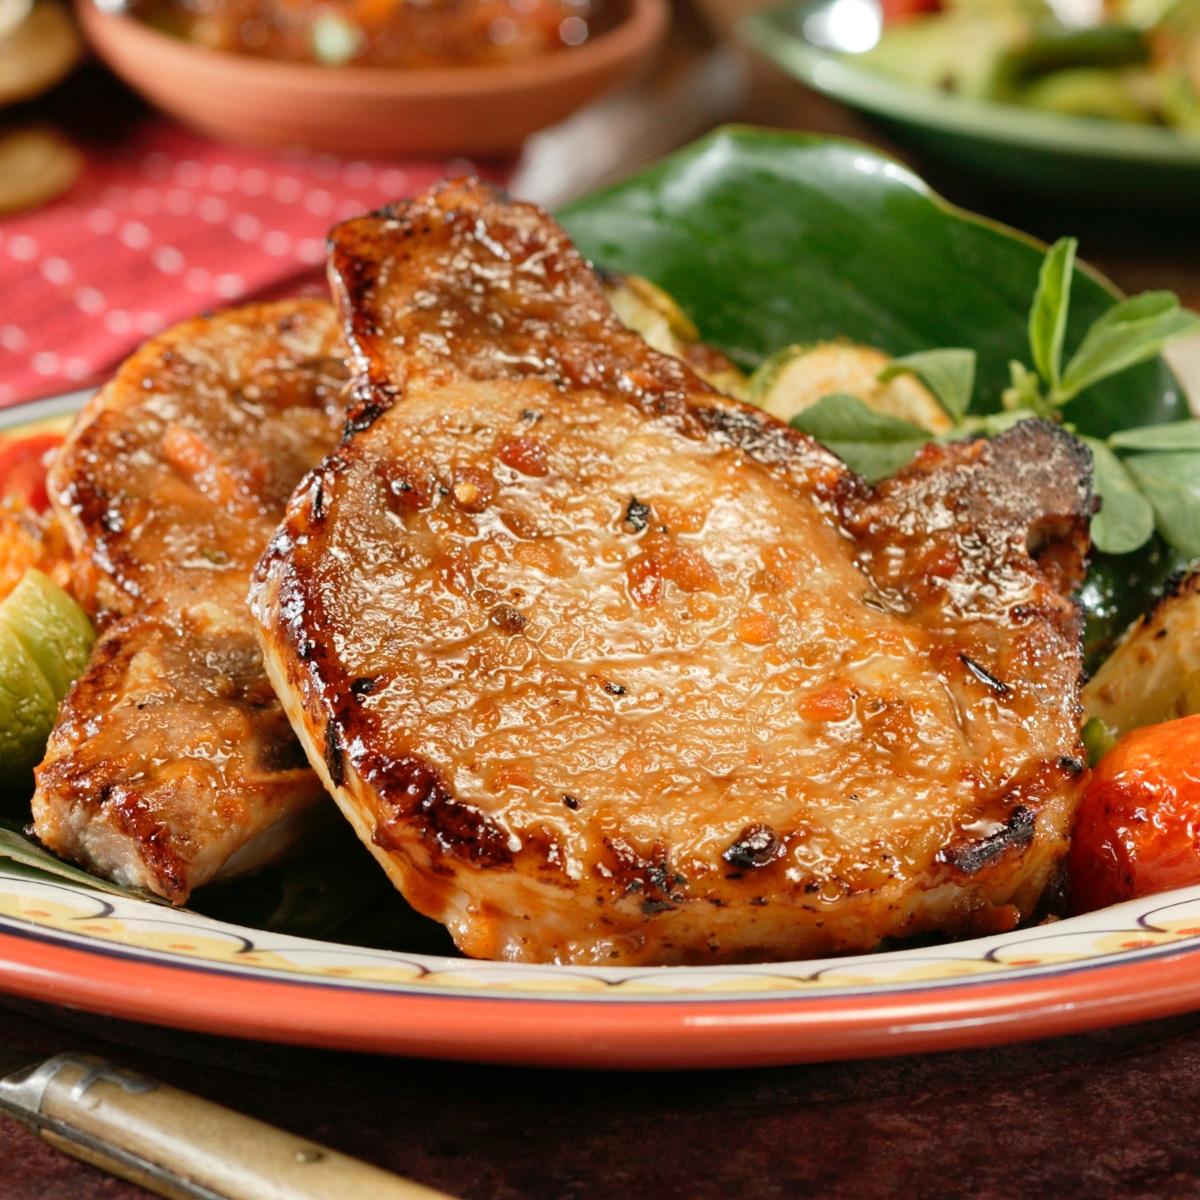 juicy pan fried pork chop recipes Juicy Pan Fried Pork Chops Recipe